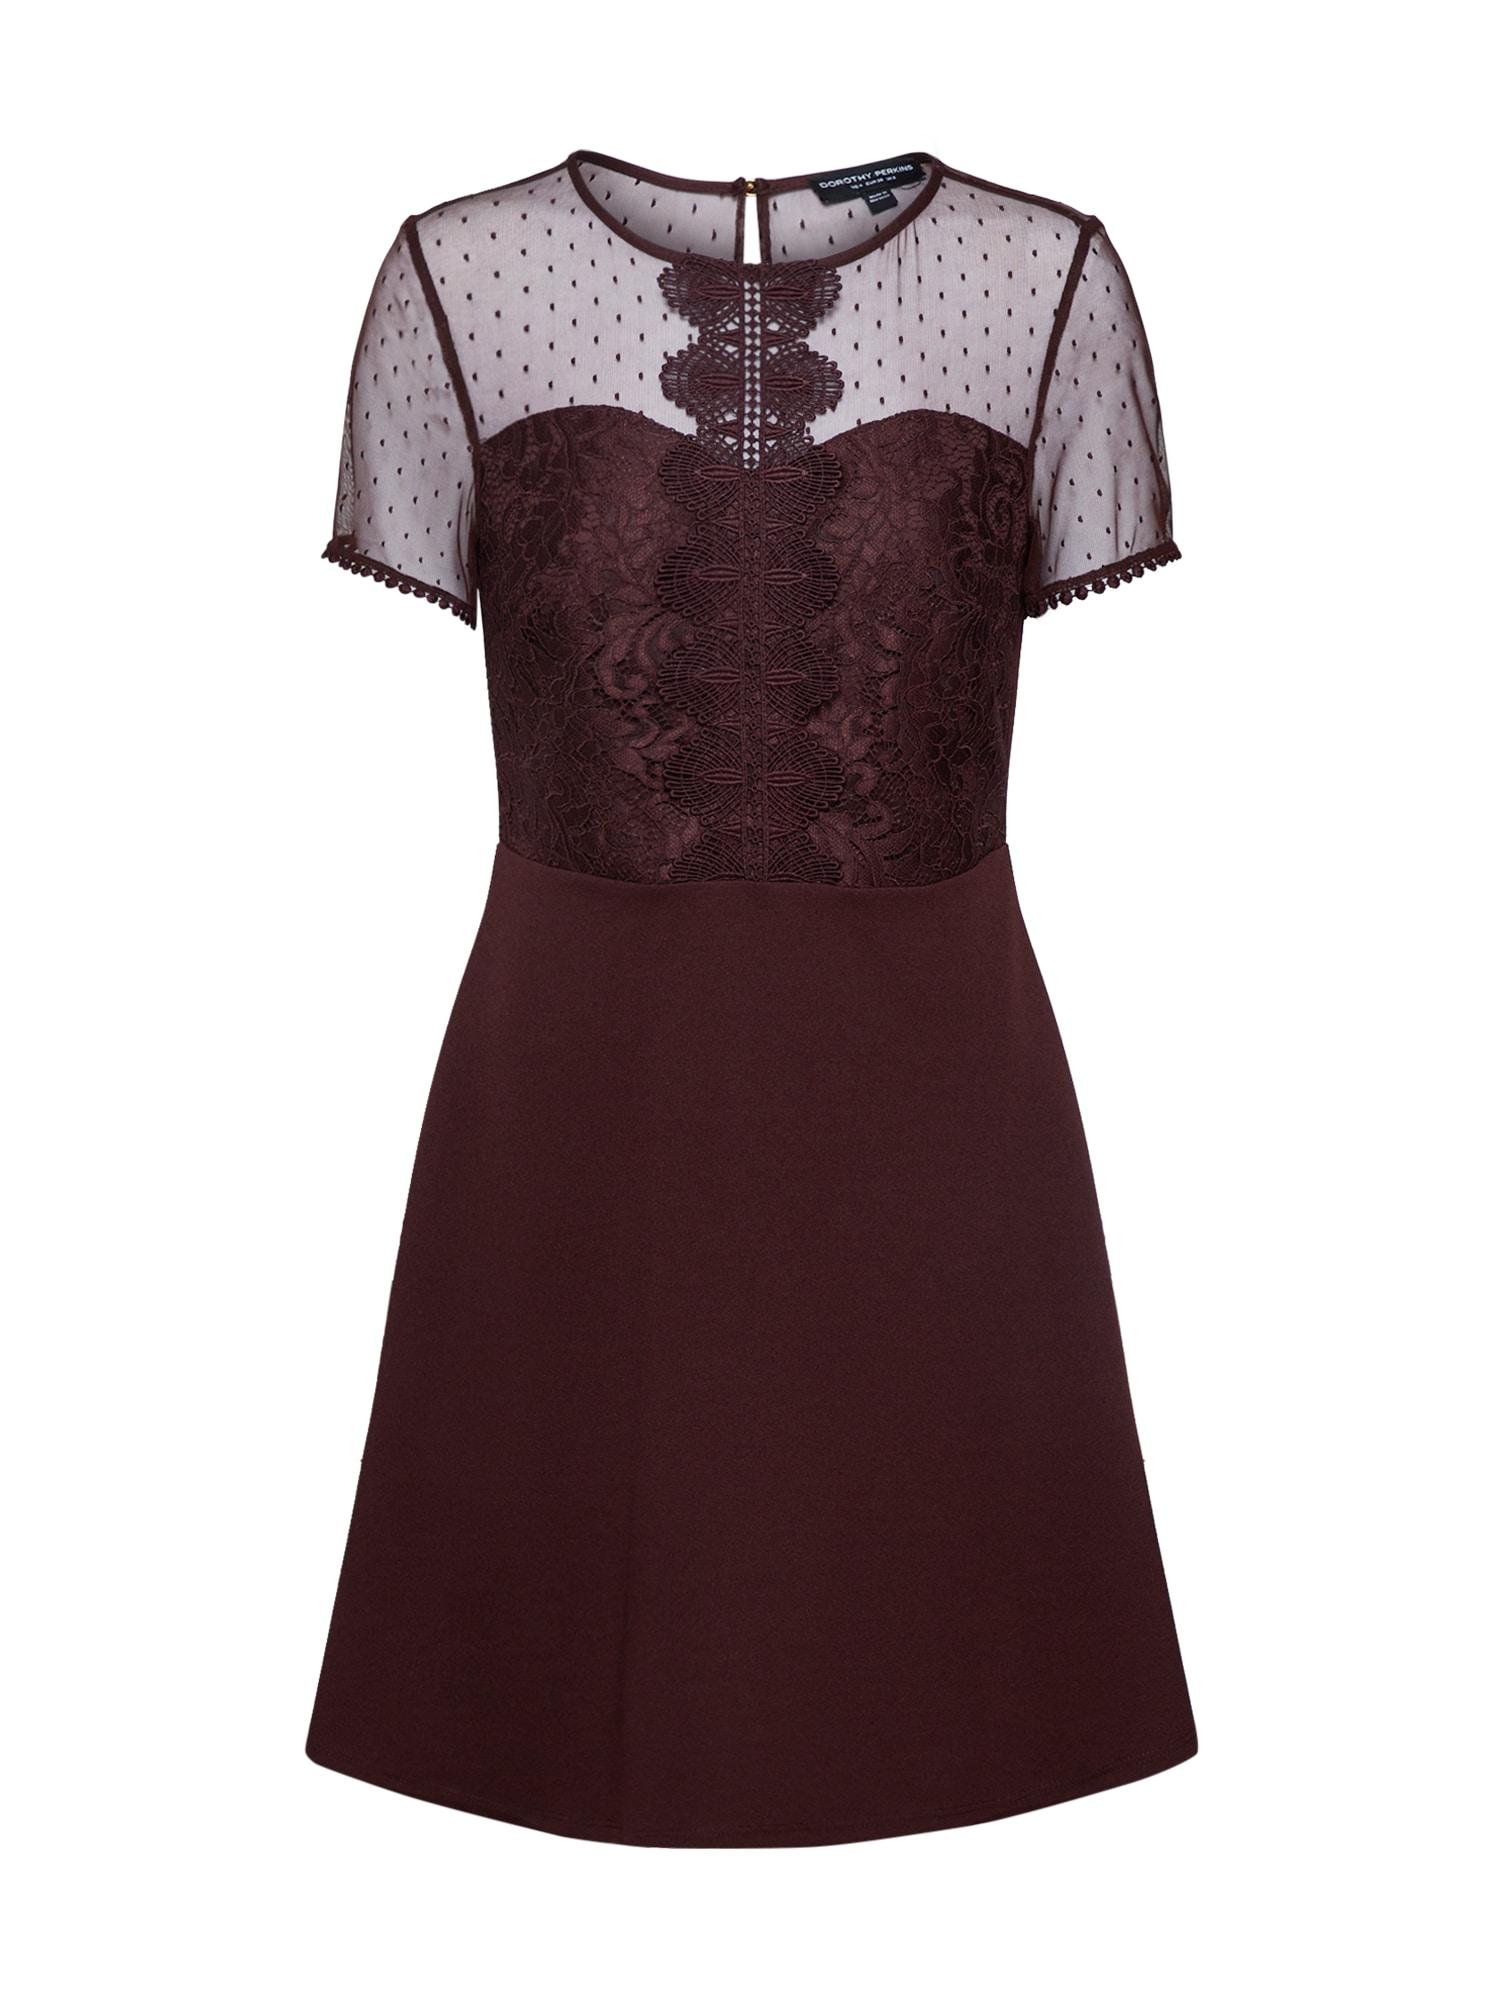 Dorothy Perkins Trumpa kokteilinė suknelė vyno raudona spalva